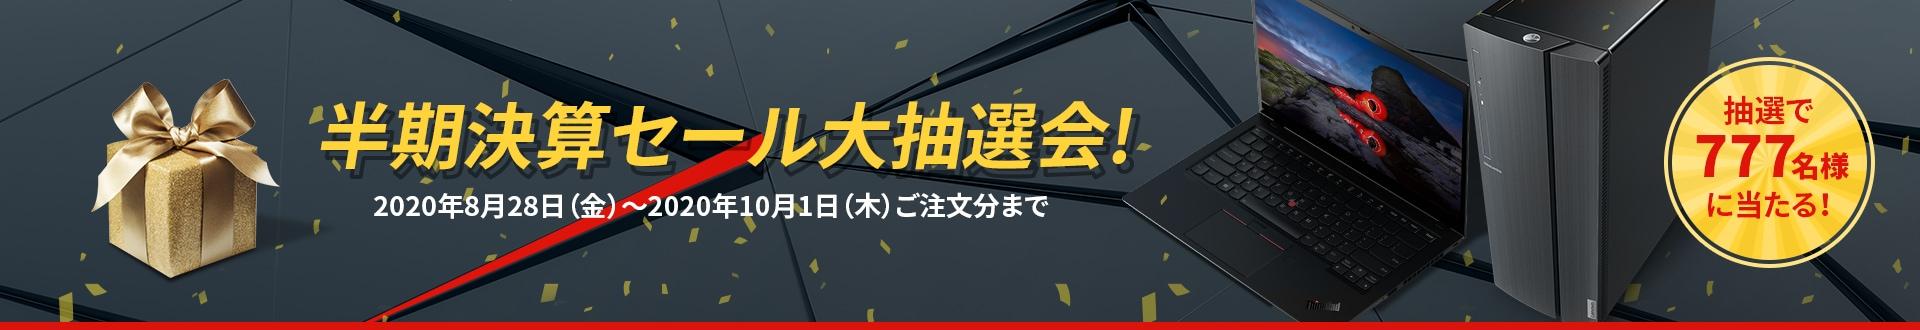 2020-promotion-0828-v1/LP/Top.png